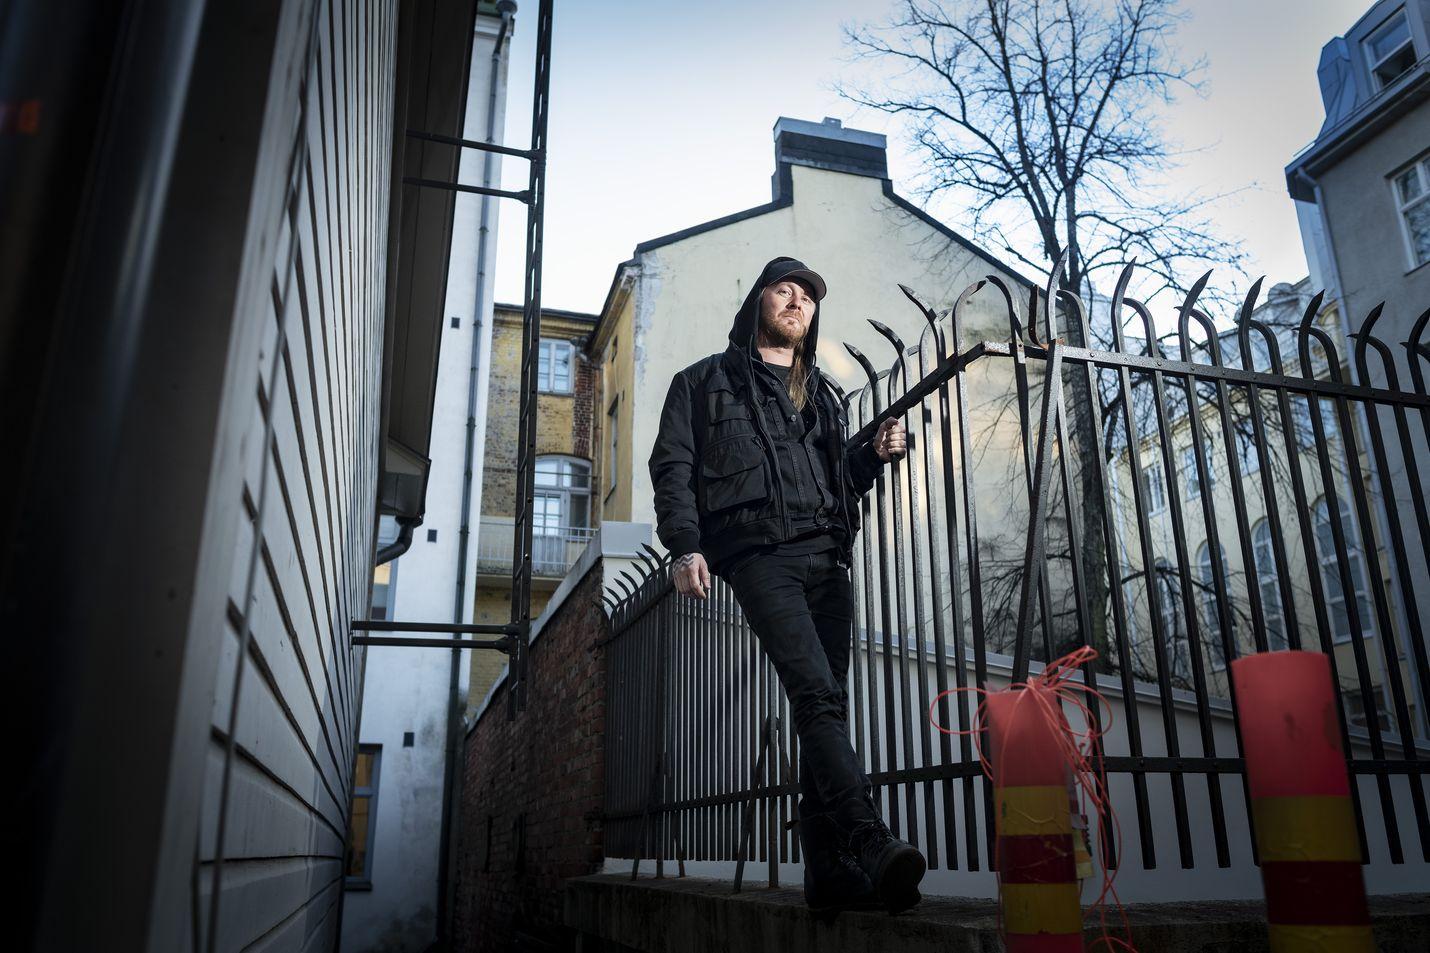 Antti Hyyrysen isoveli Jussi soitti kitaraa YUPissa. Isoveli toi kotiin Iron Maidenin, W.A.S.P:in ja Stonen levyjä ja pikkuveli huomasi, että metallimusiikki on hänen musiikkiaan. Hyyrysten isä lauloi Savonlinnan oopperakuorossa